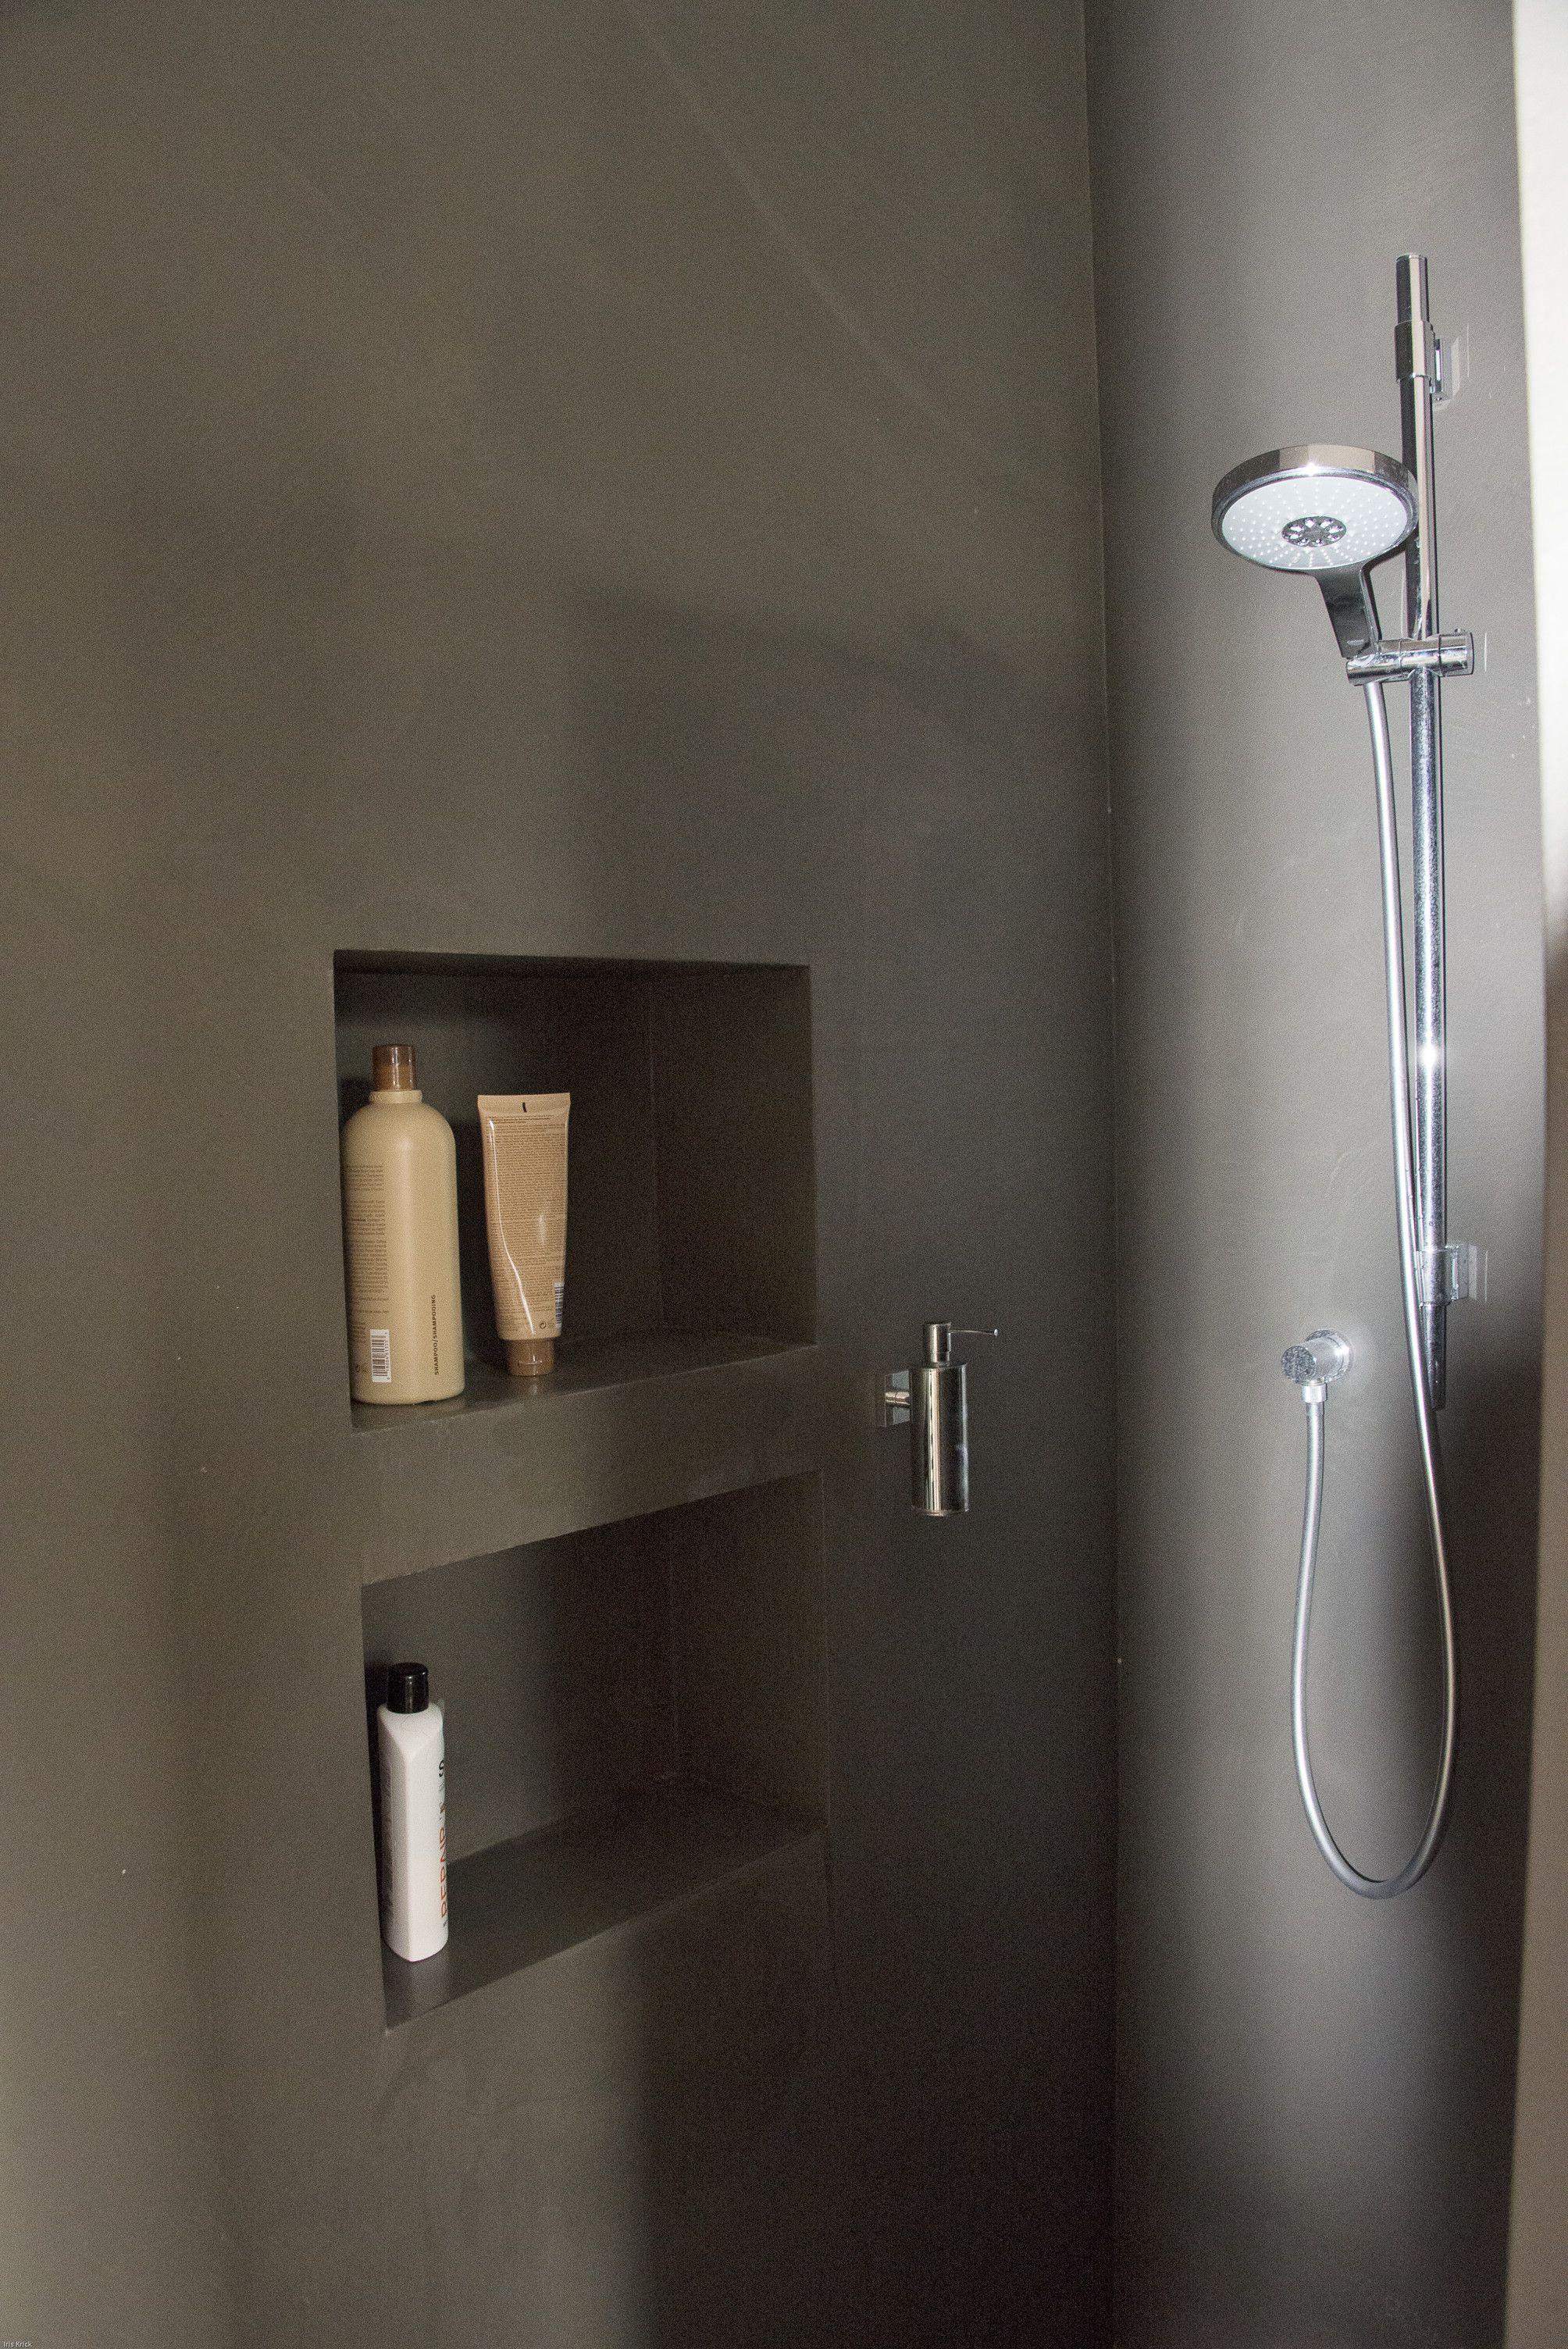 wasserfester putz in der dusche. workshops zum selberlernen unter